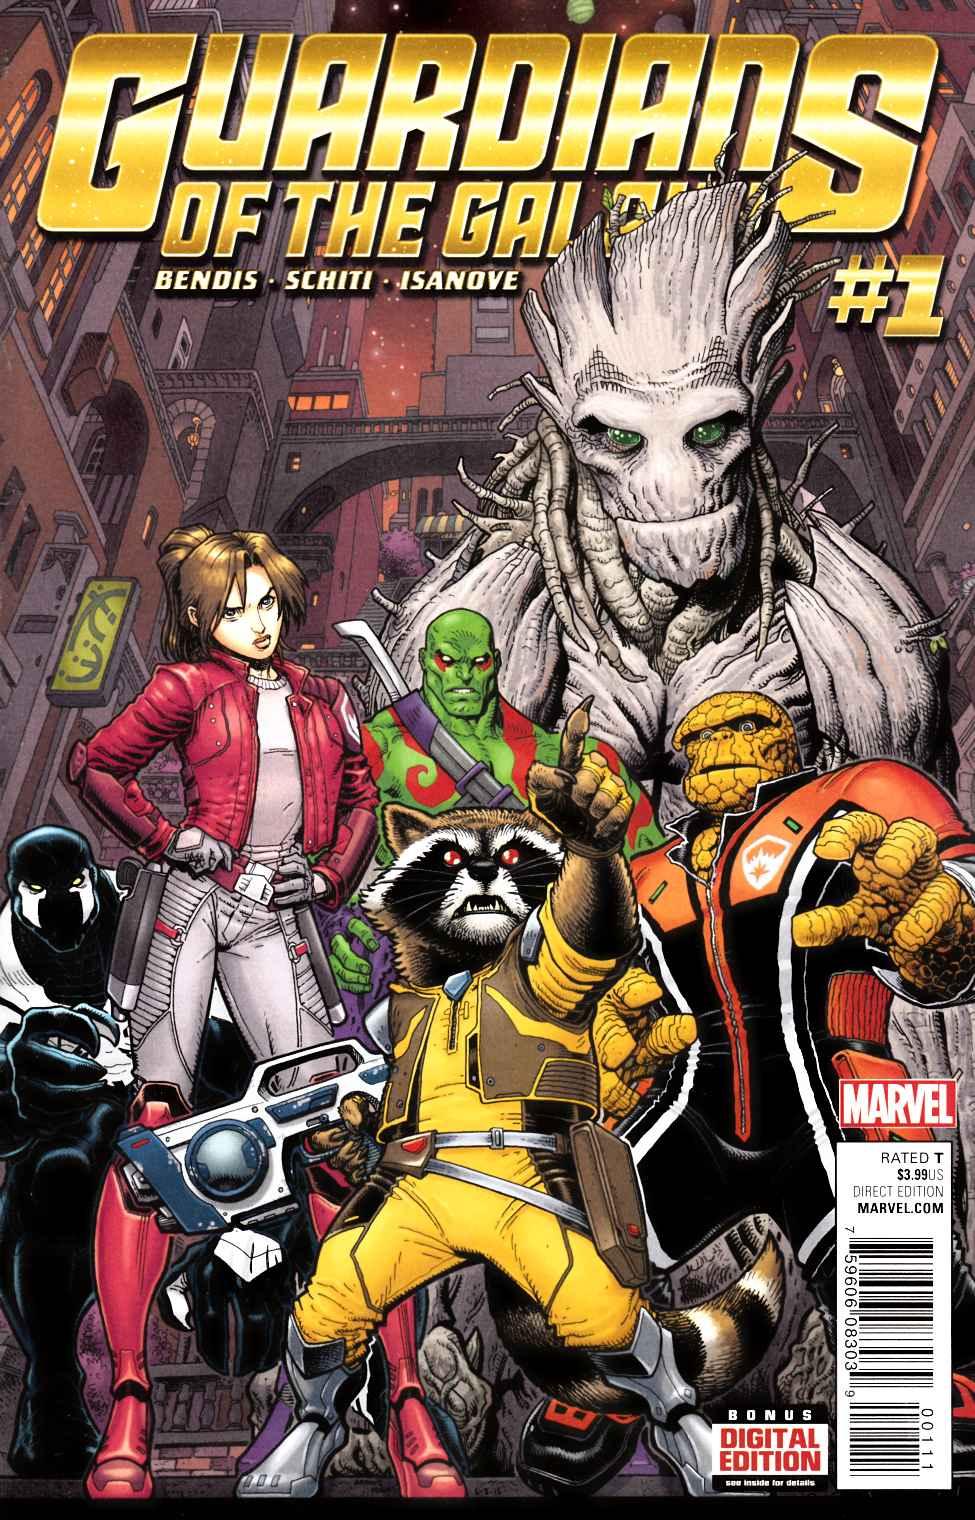 Guardians of the galaxy 1 marvel comic dreamlandcomics com